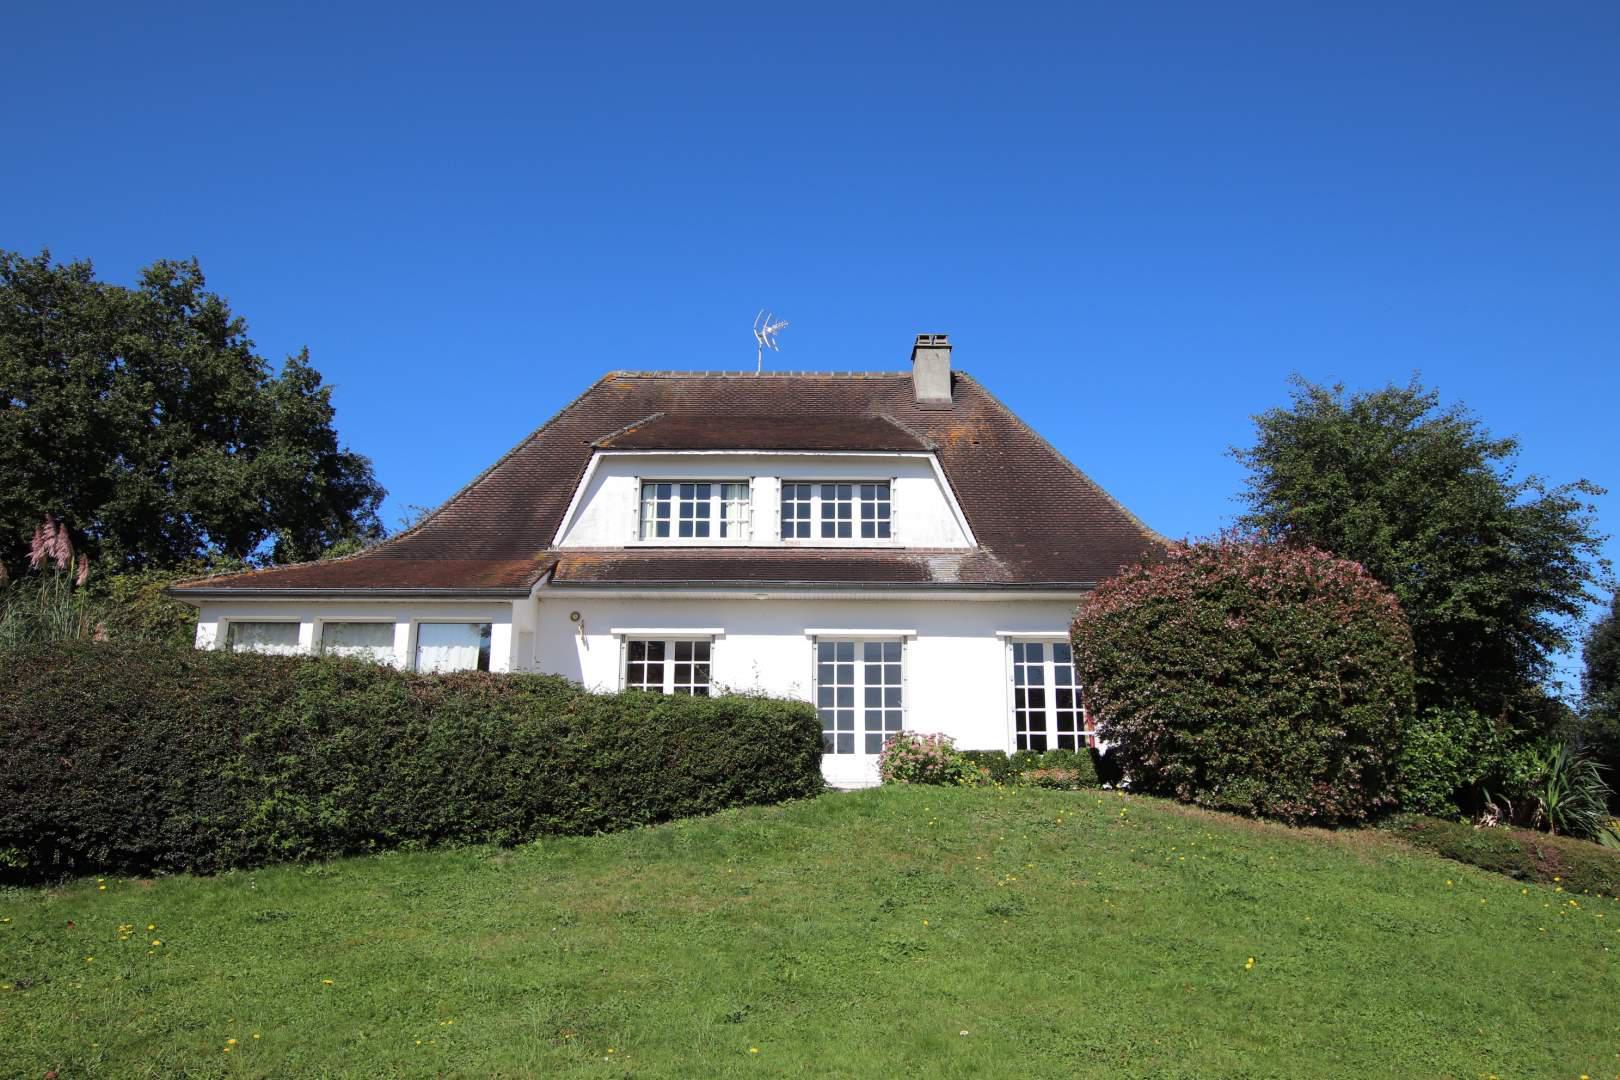 maison en vente Condé-sur-Vire